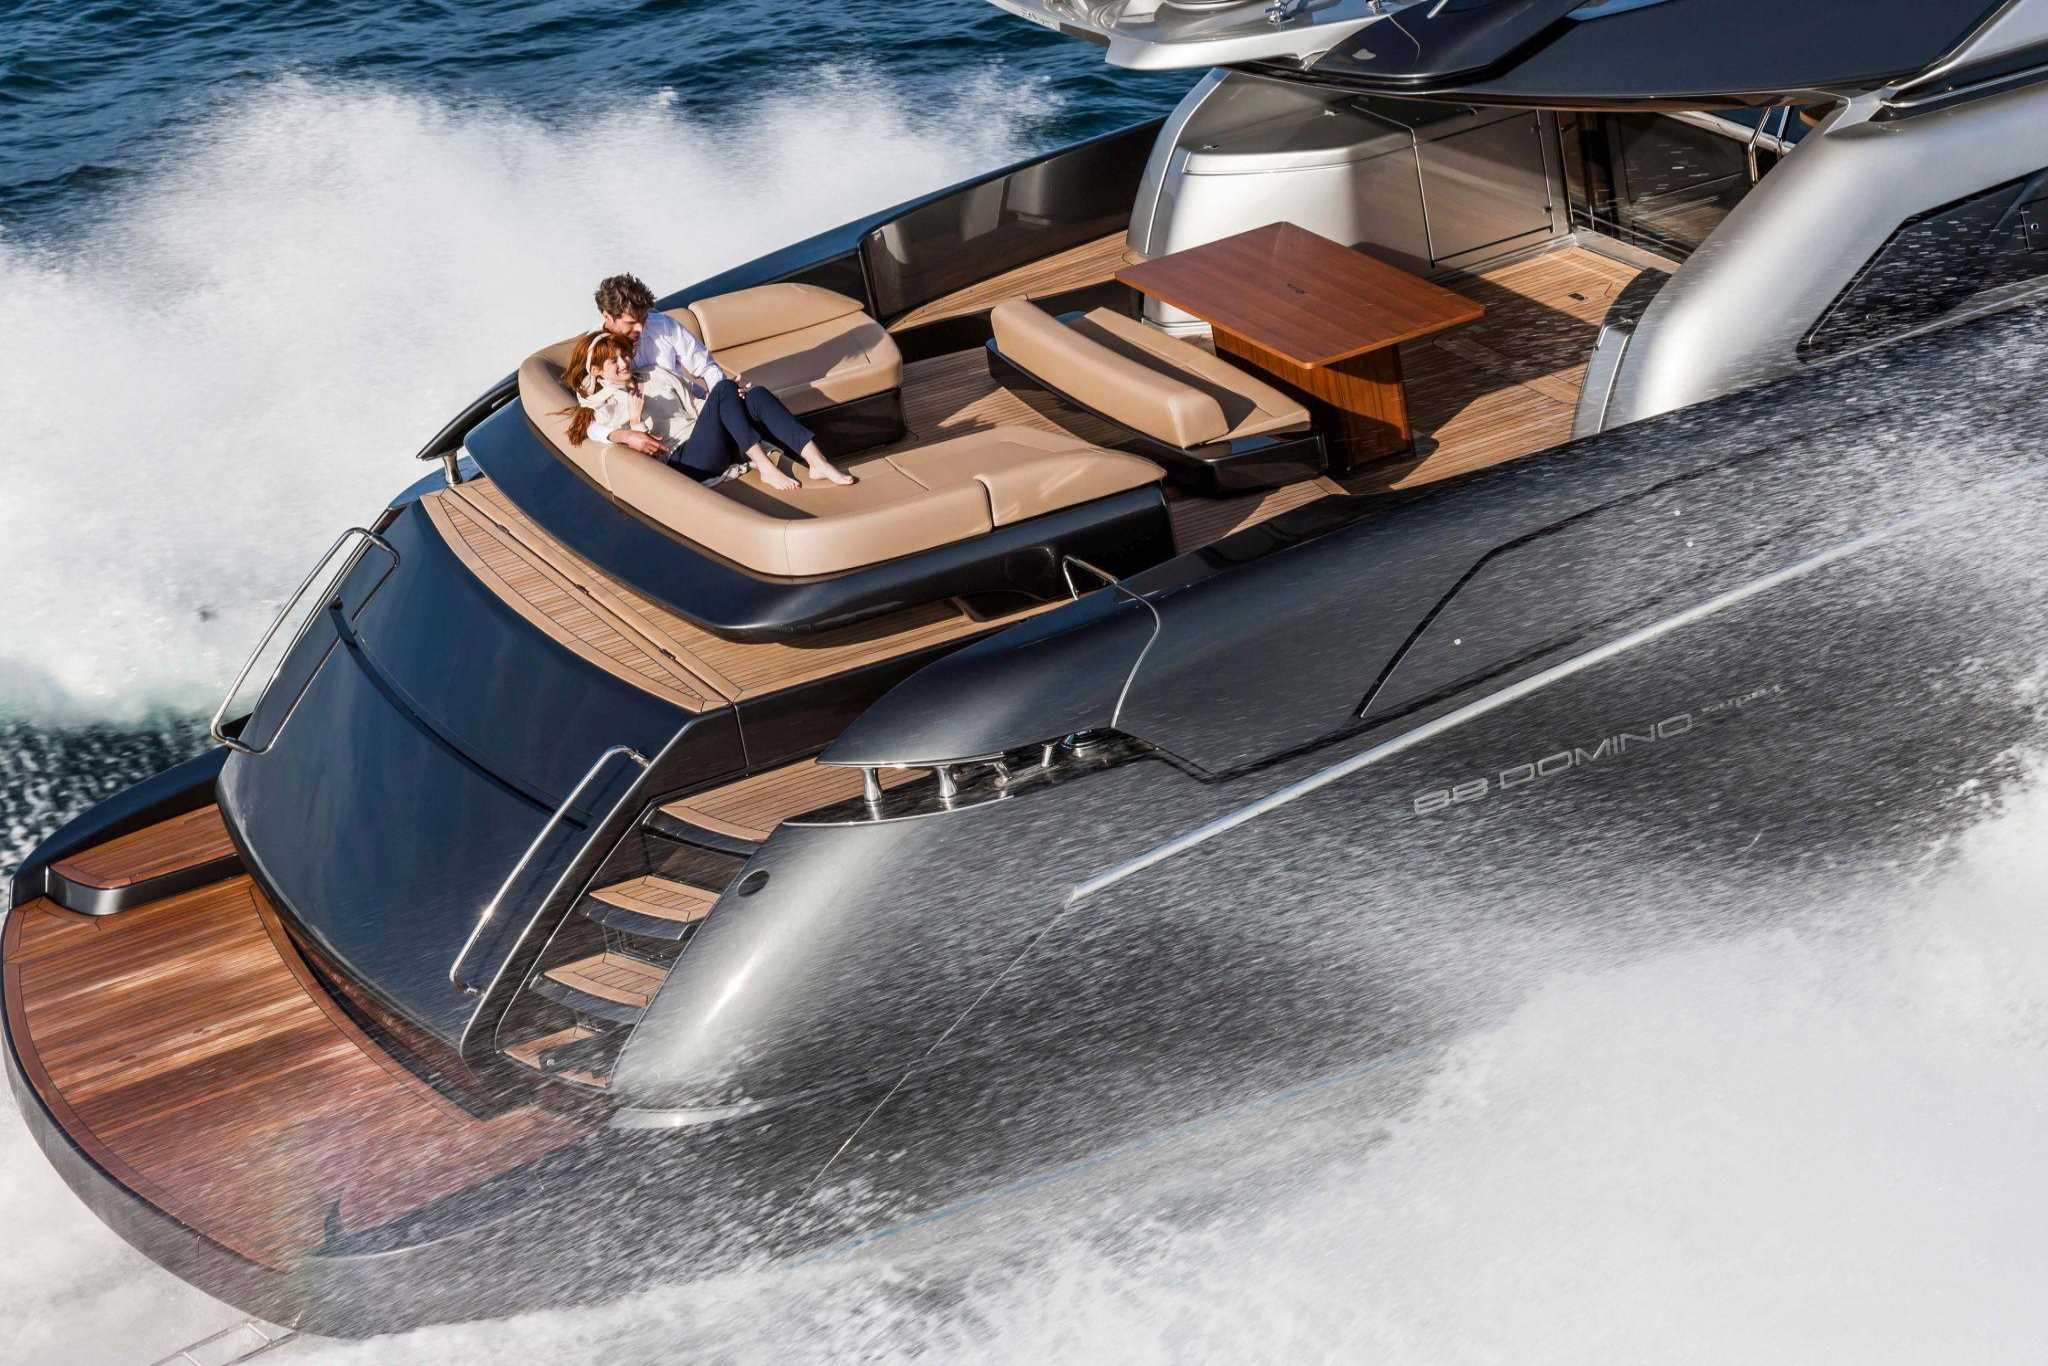 Riva 88 Domino Super 2018 Proprio Yacht Canada Boats